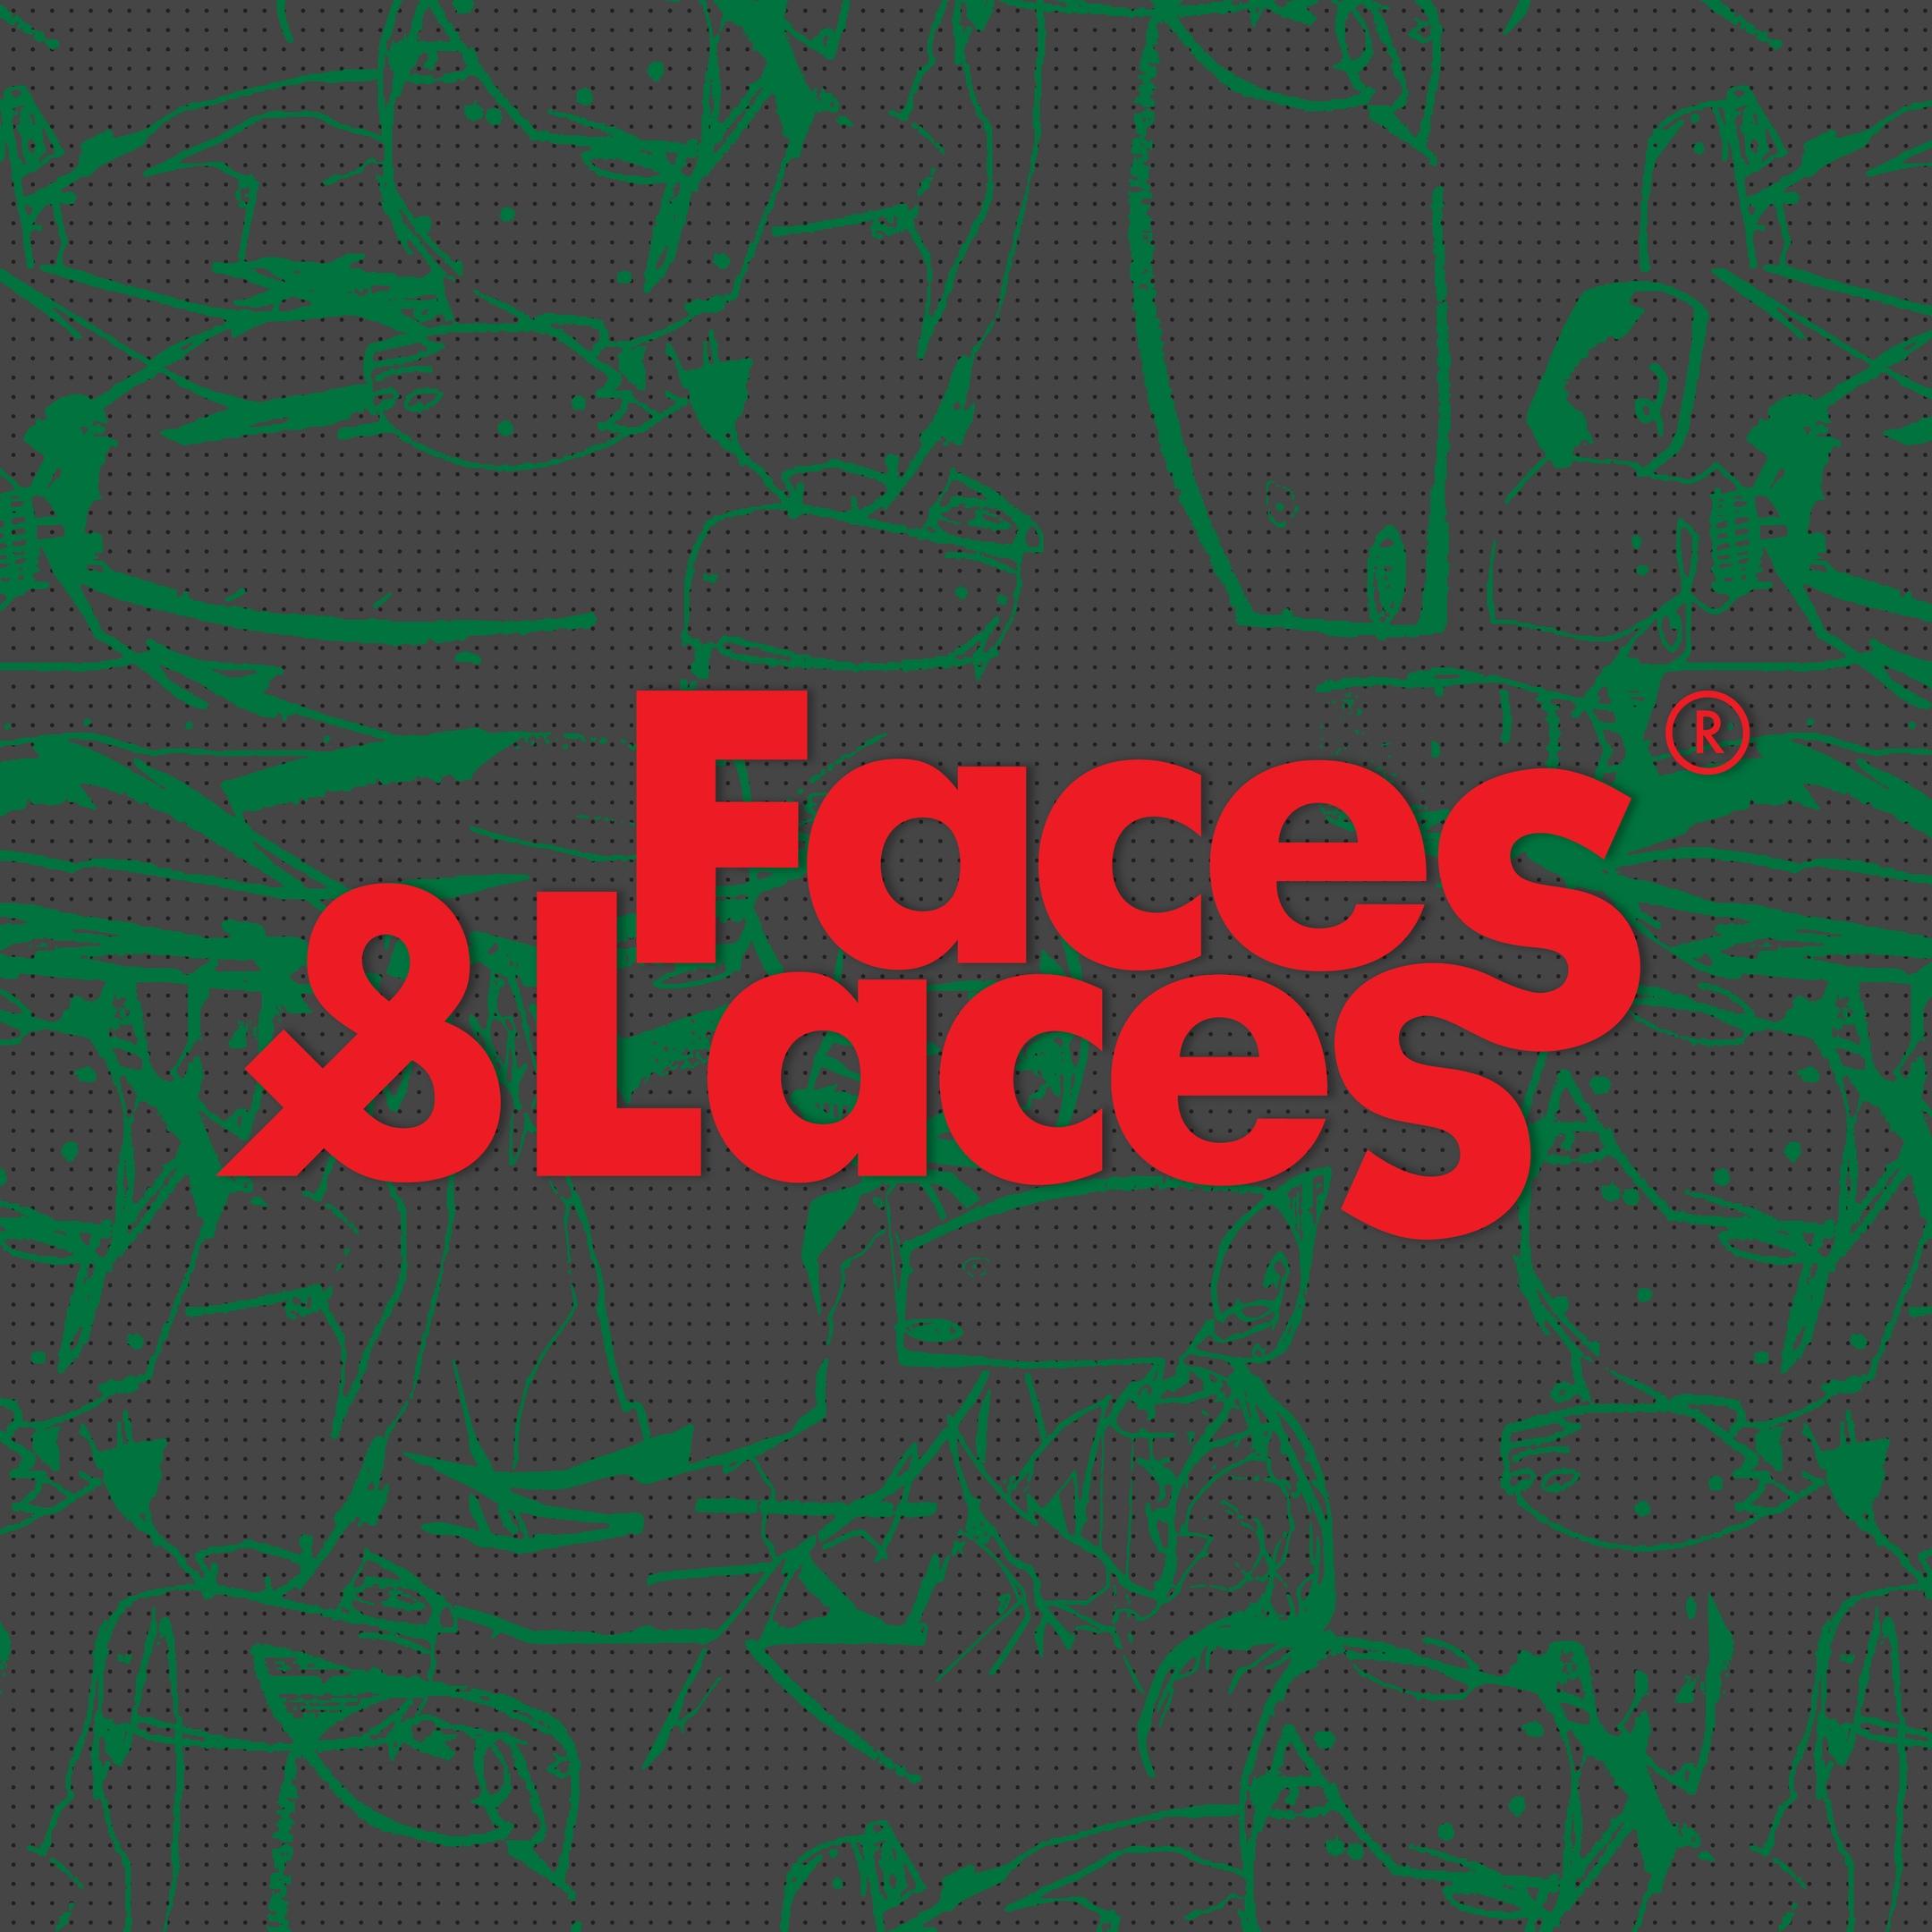 Faces & Laces 2019, день 2